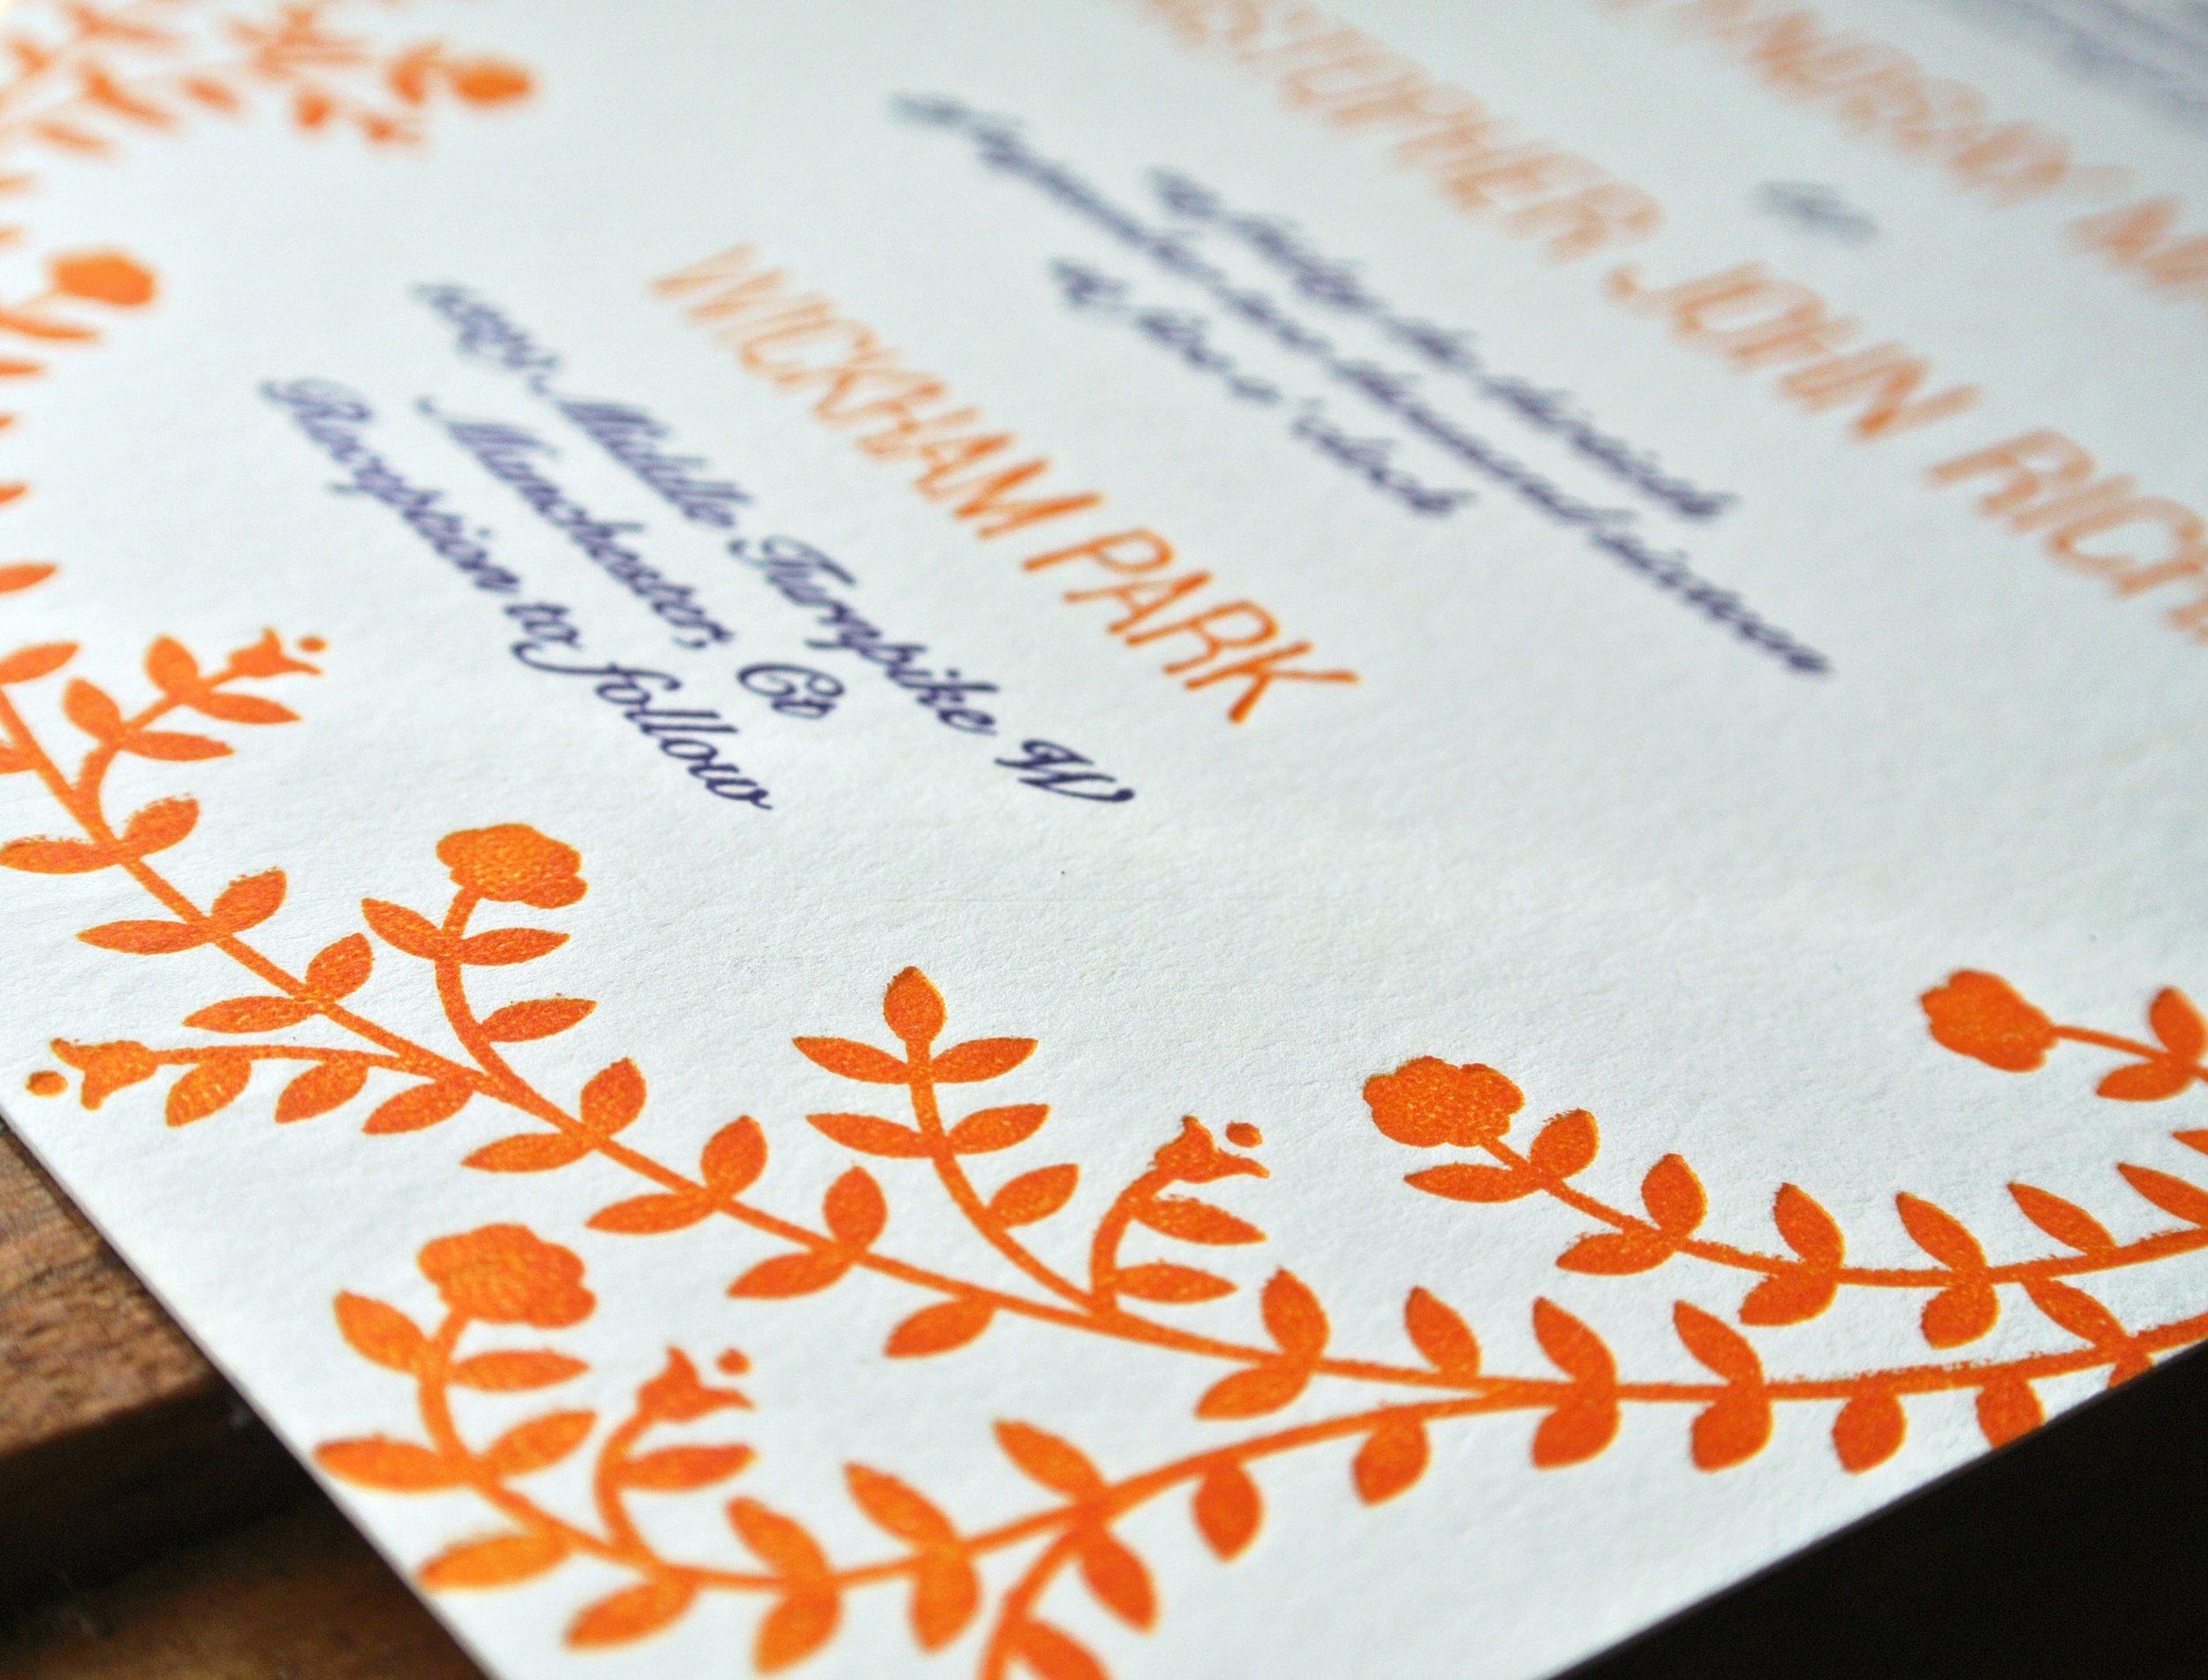 Invitation_2-min.jpg